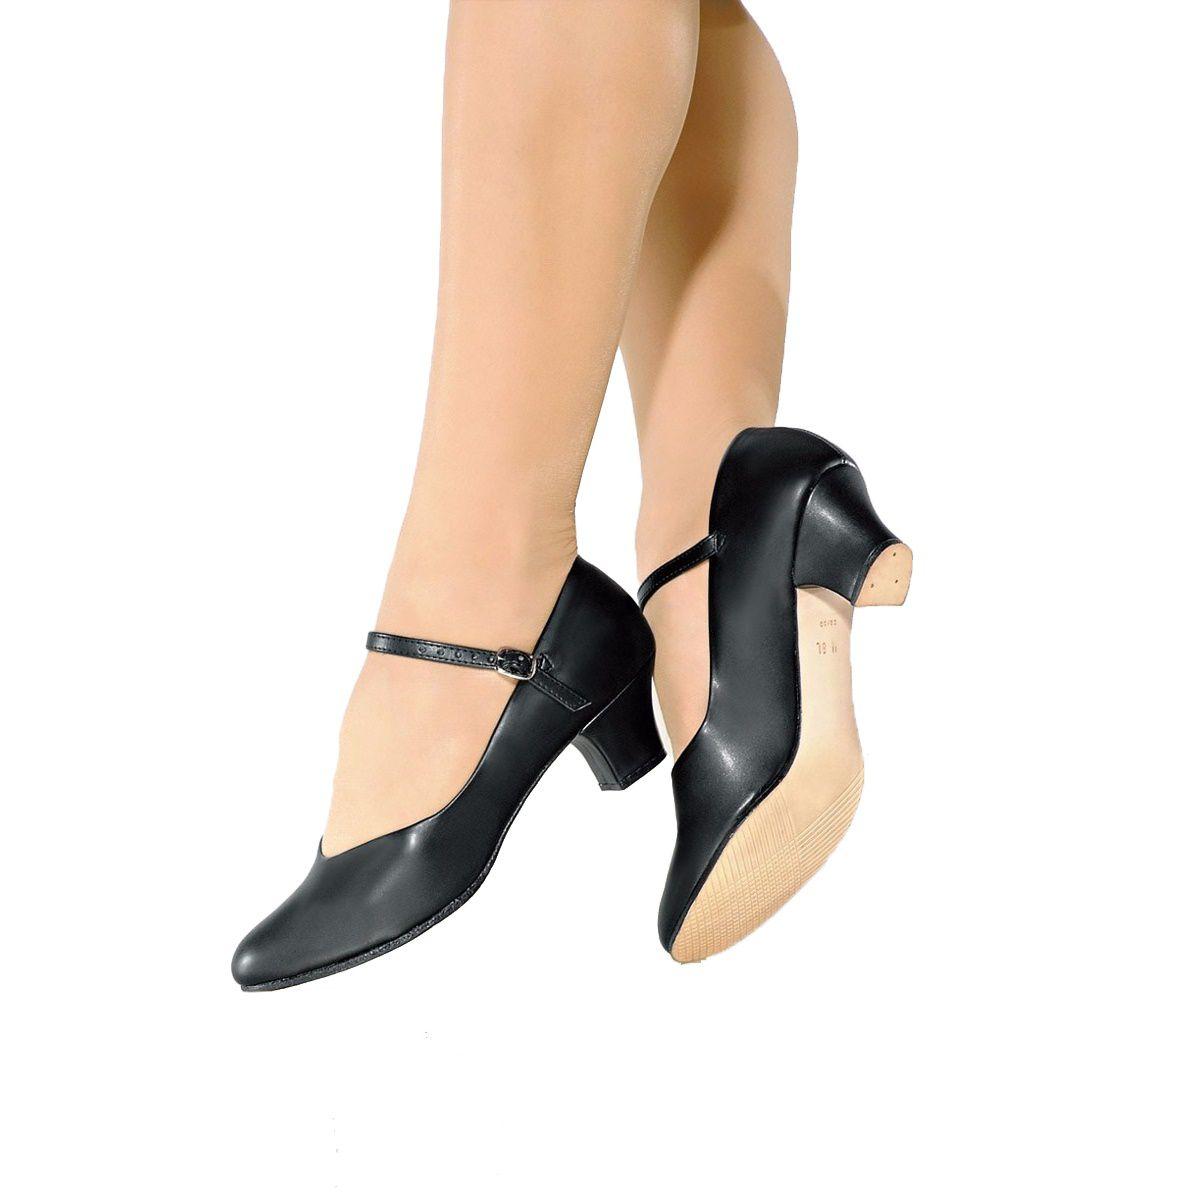 9317c573e5 Sapato Dança De Salão Só Dança Napa Salto 5cm Preto - SPORT CENTER JARAGUÁ